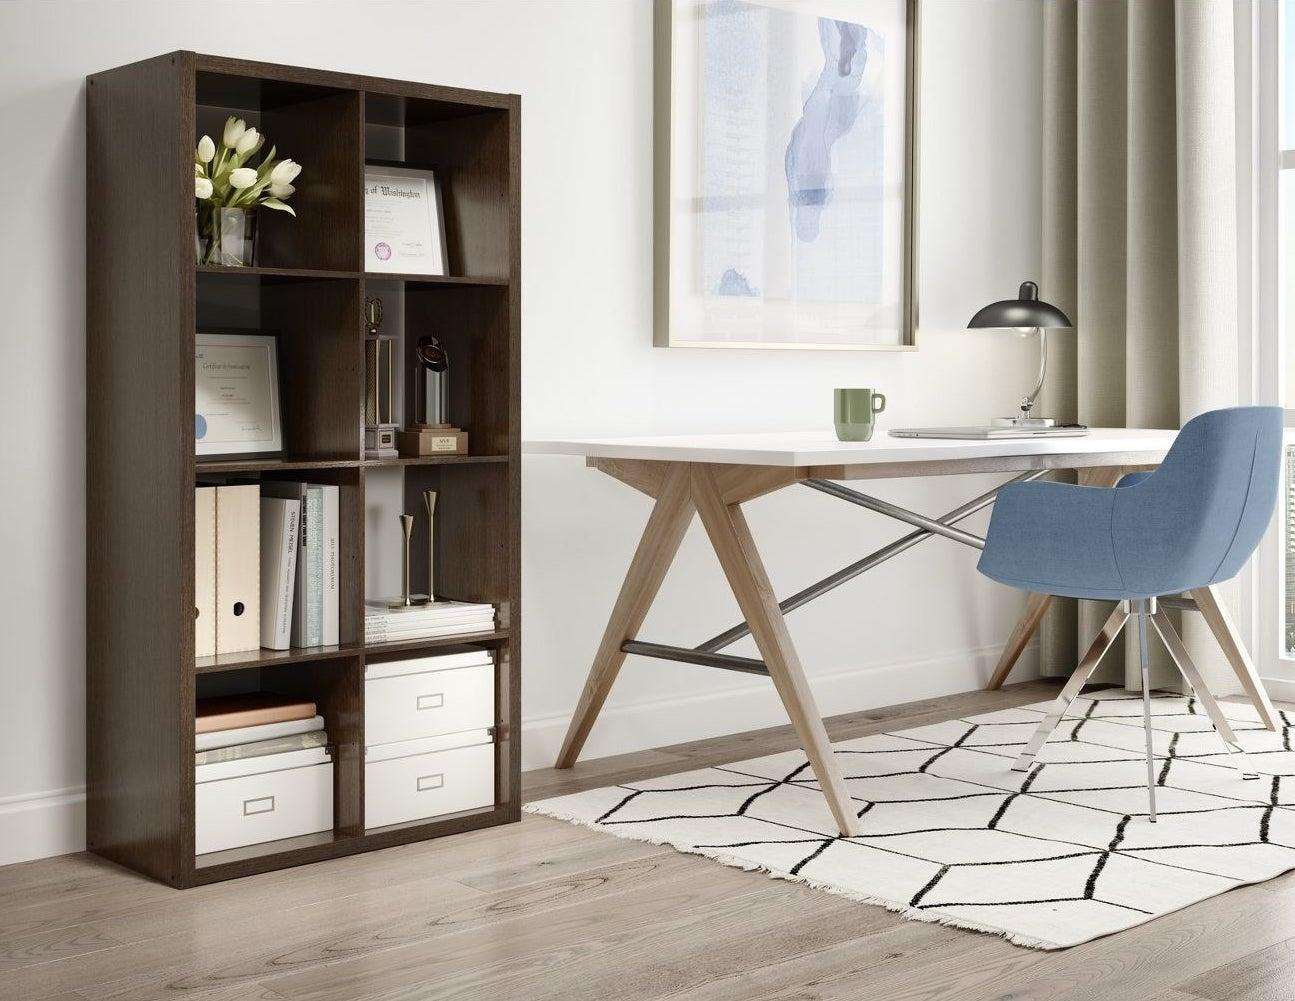 A brown storage unit shelf in a home